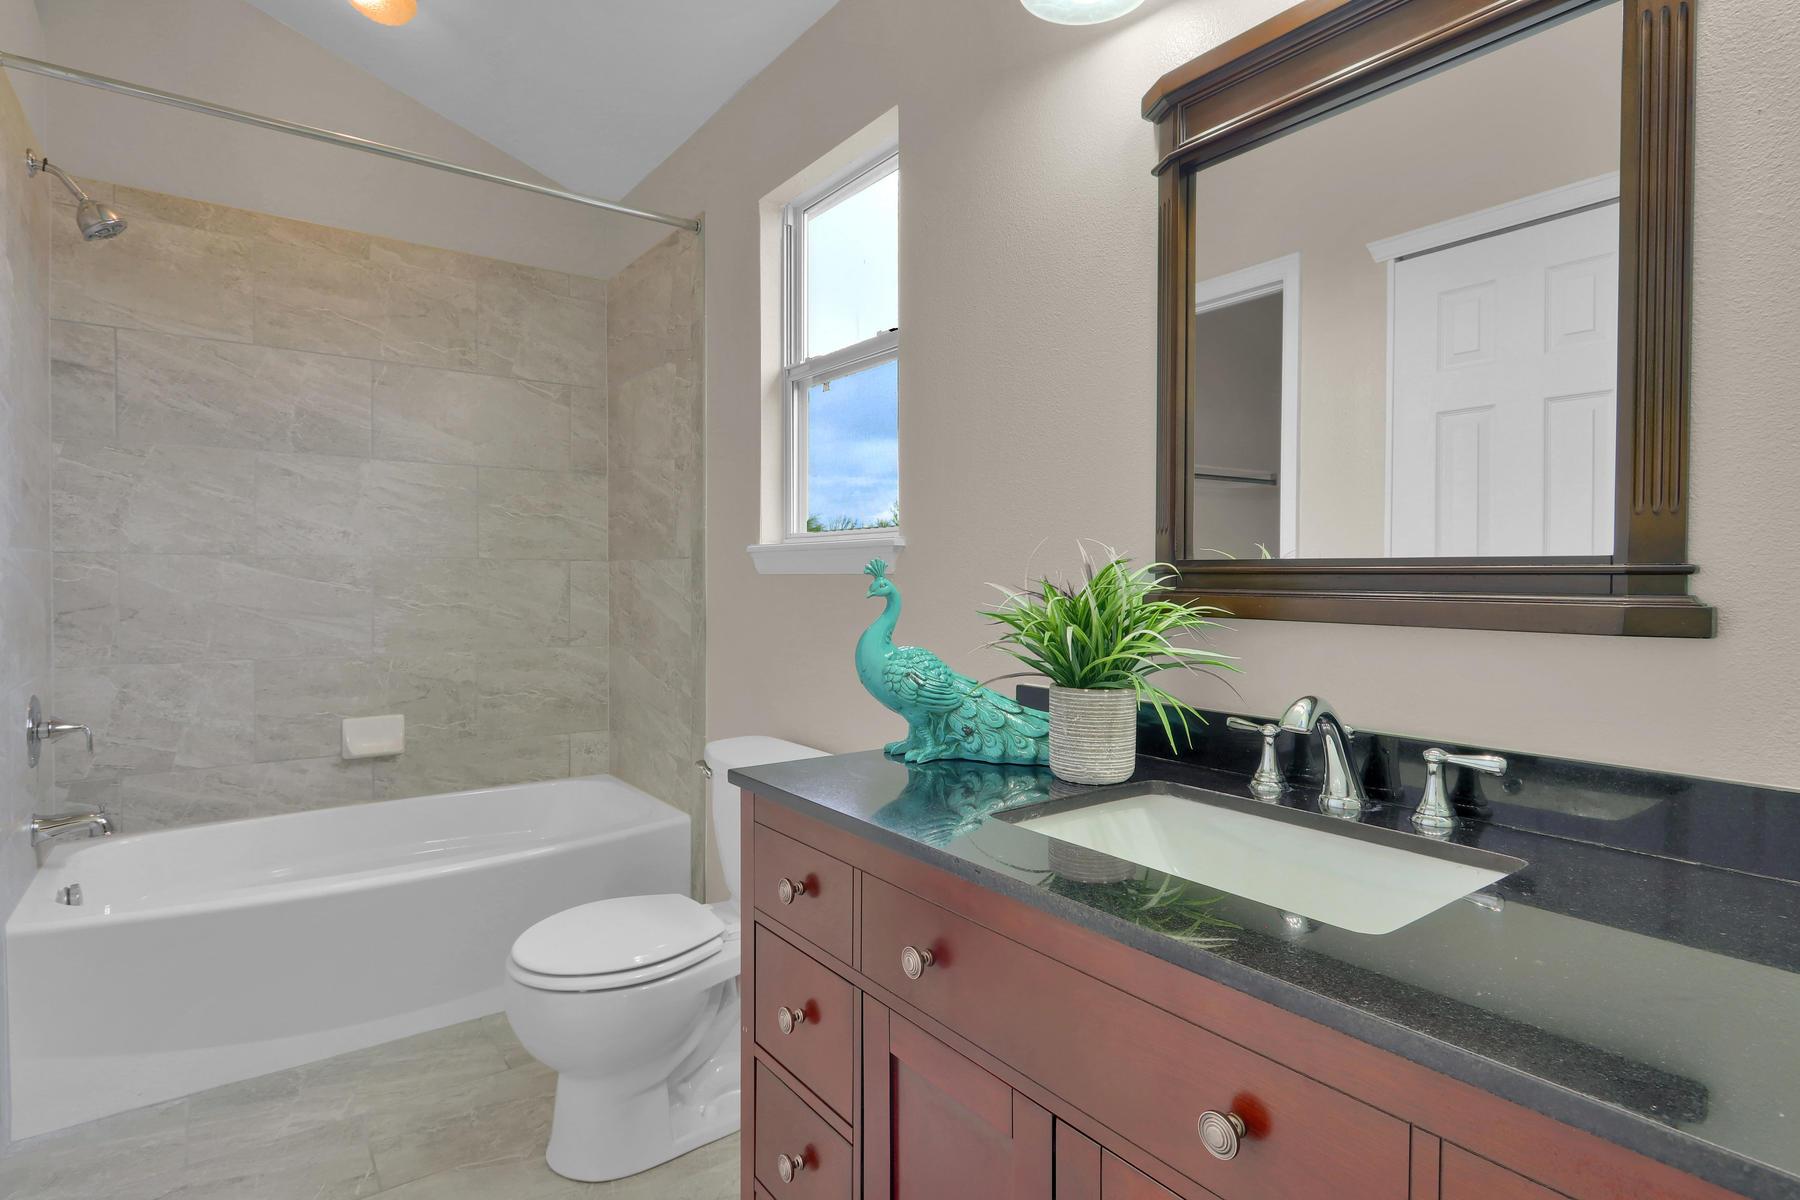 3009 W 107th Pl F Westminster-019-26-Bathroom-MLS_Size.jpg